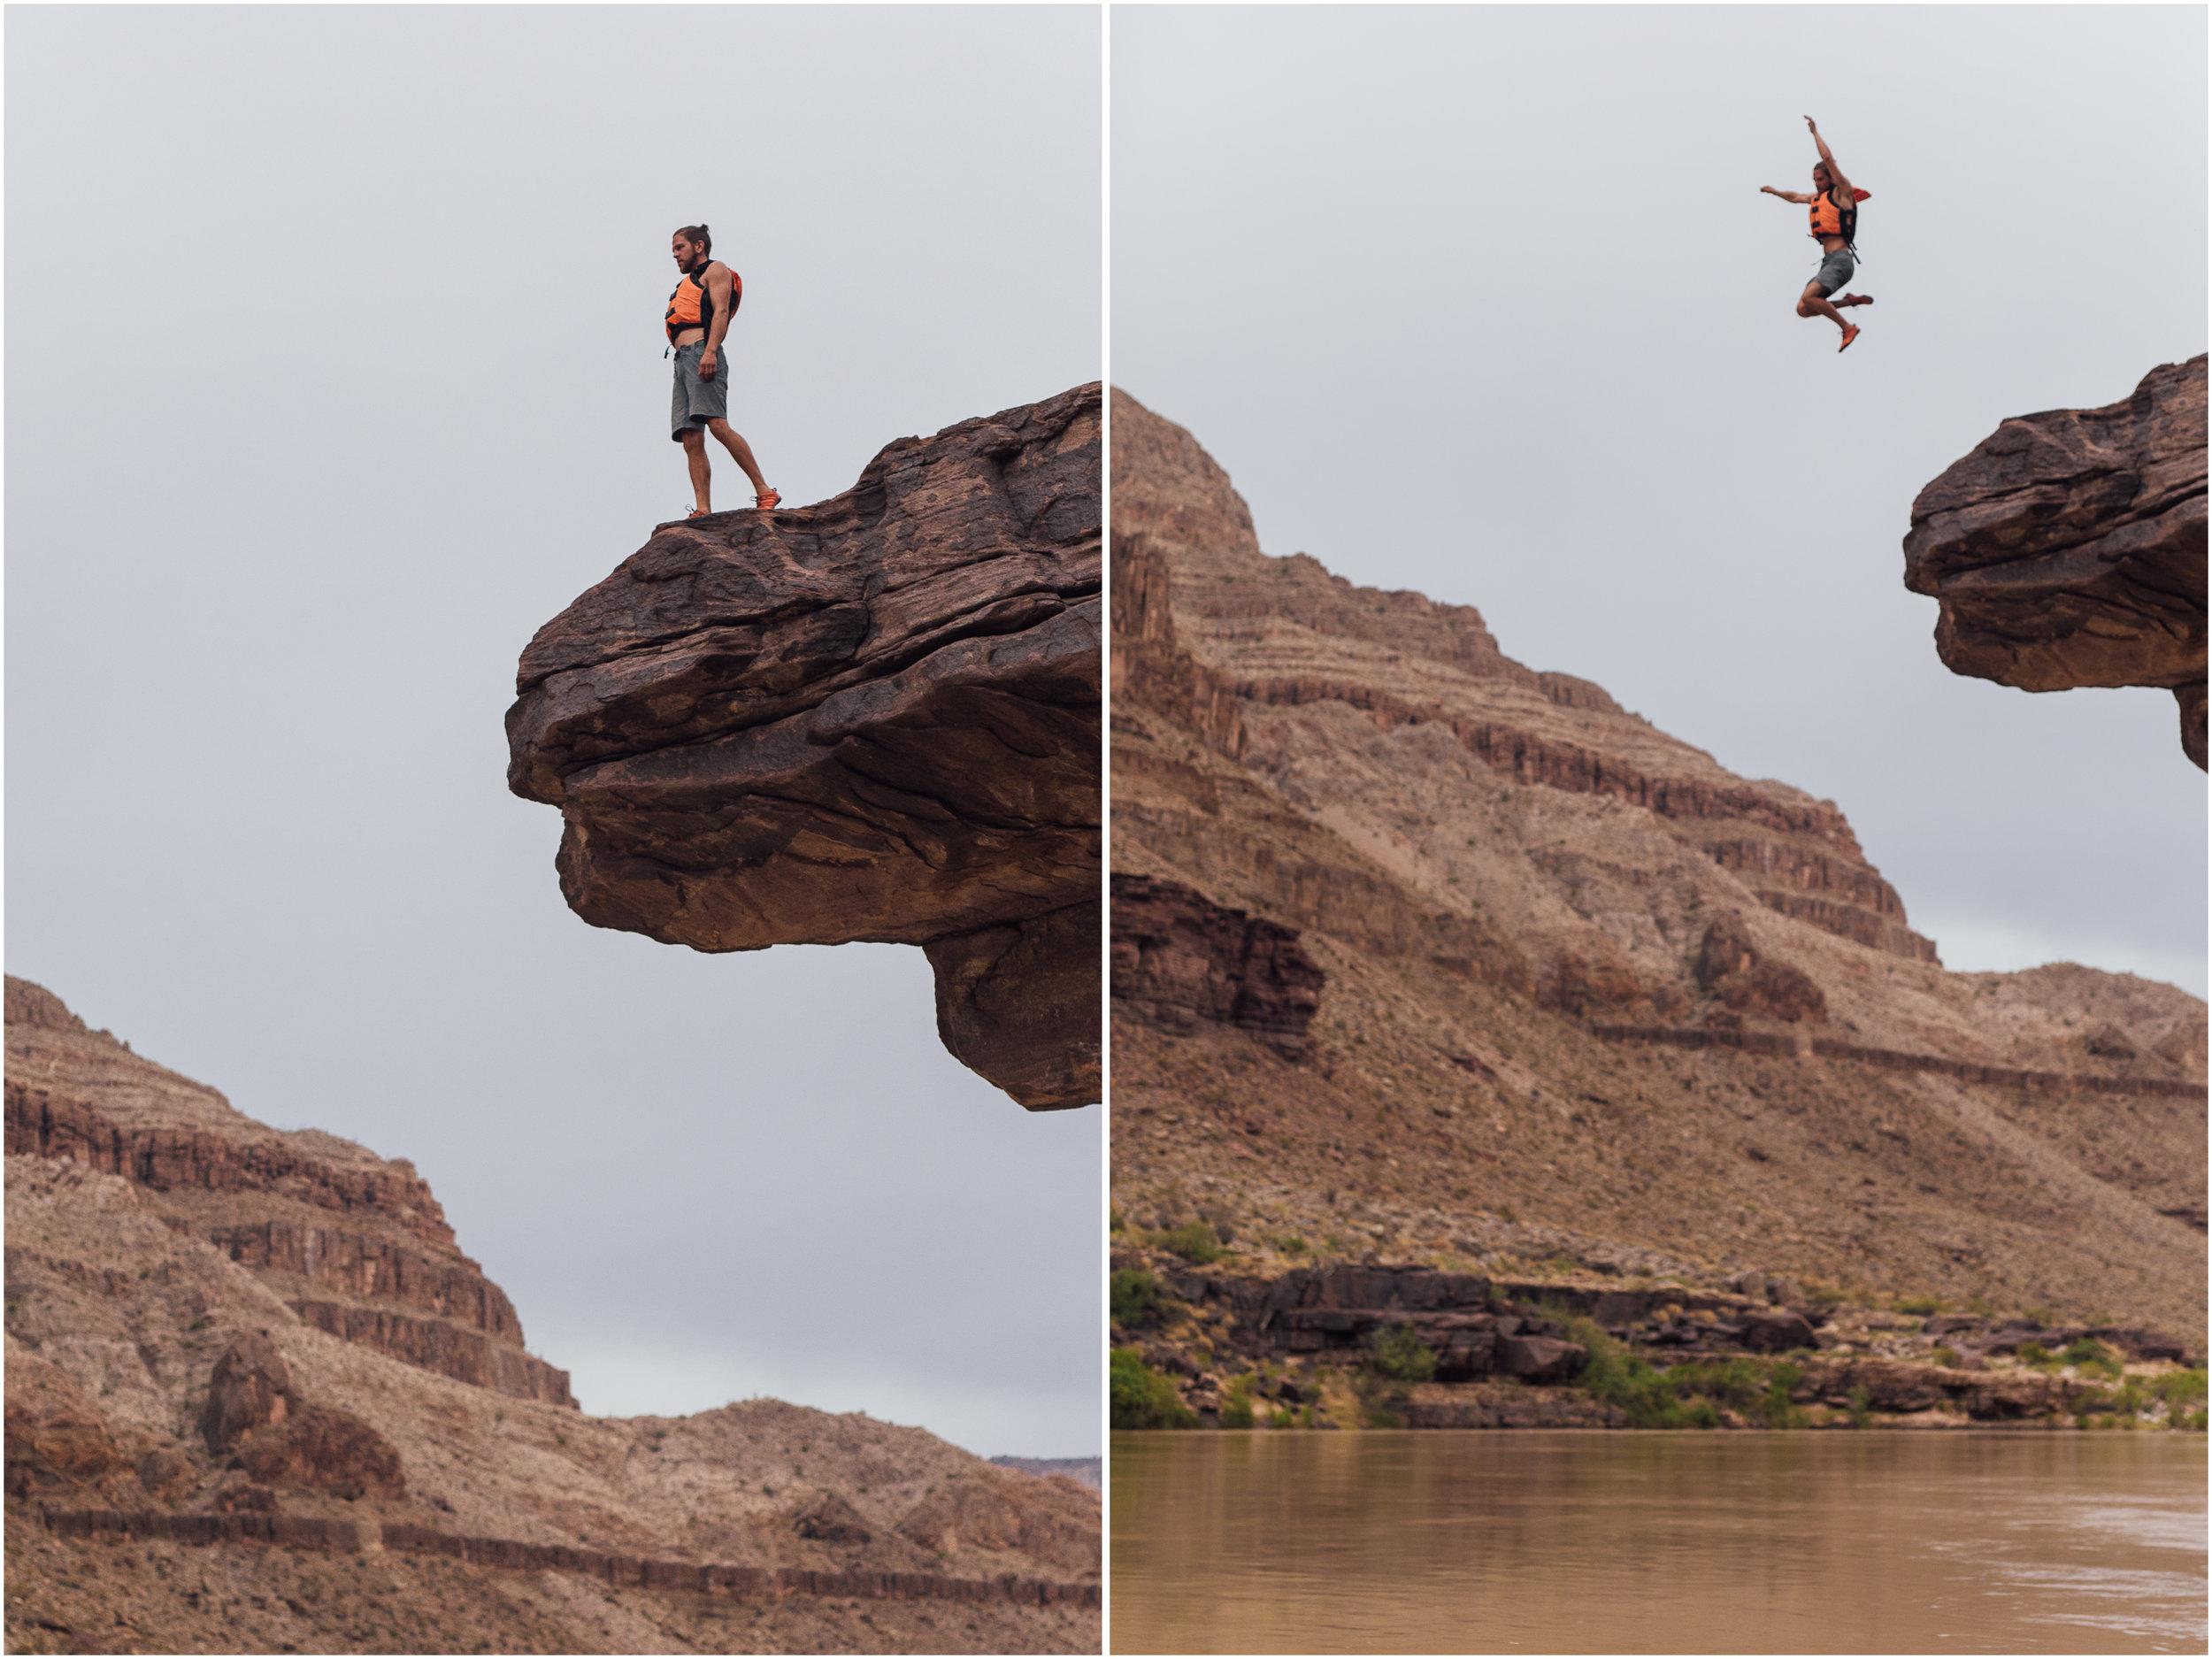 clift jumping.jpg